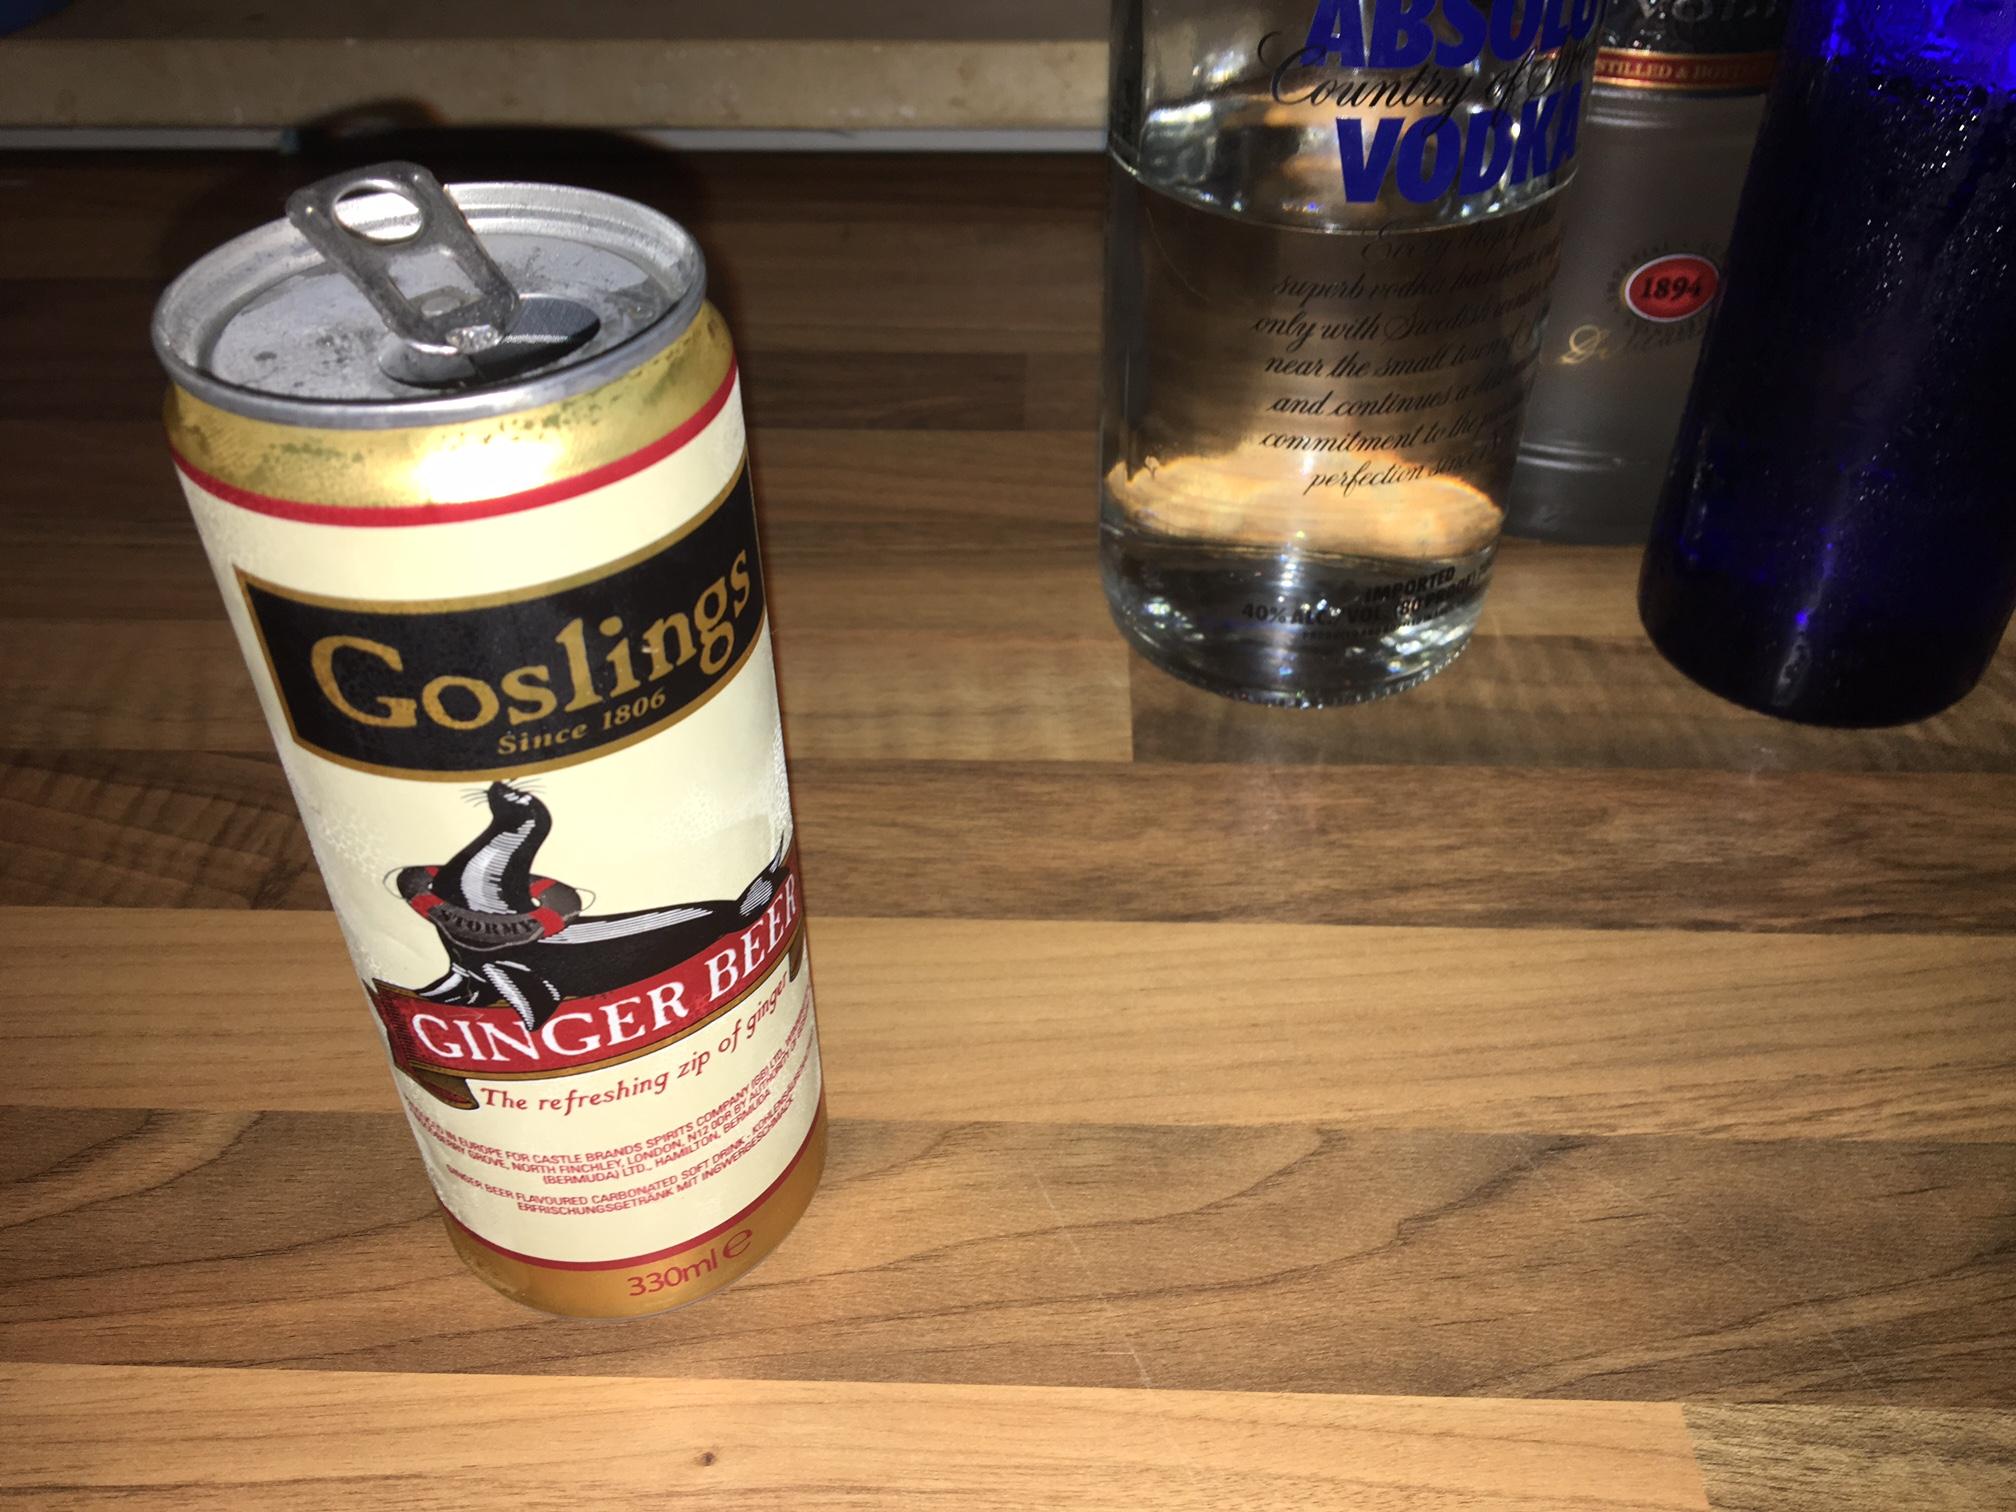 Goslings Ginger Beer in der Dose.